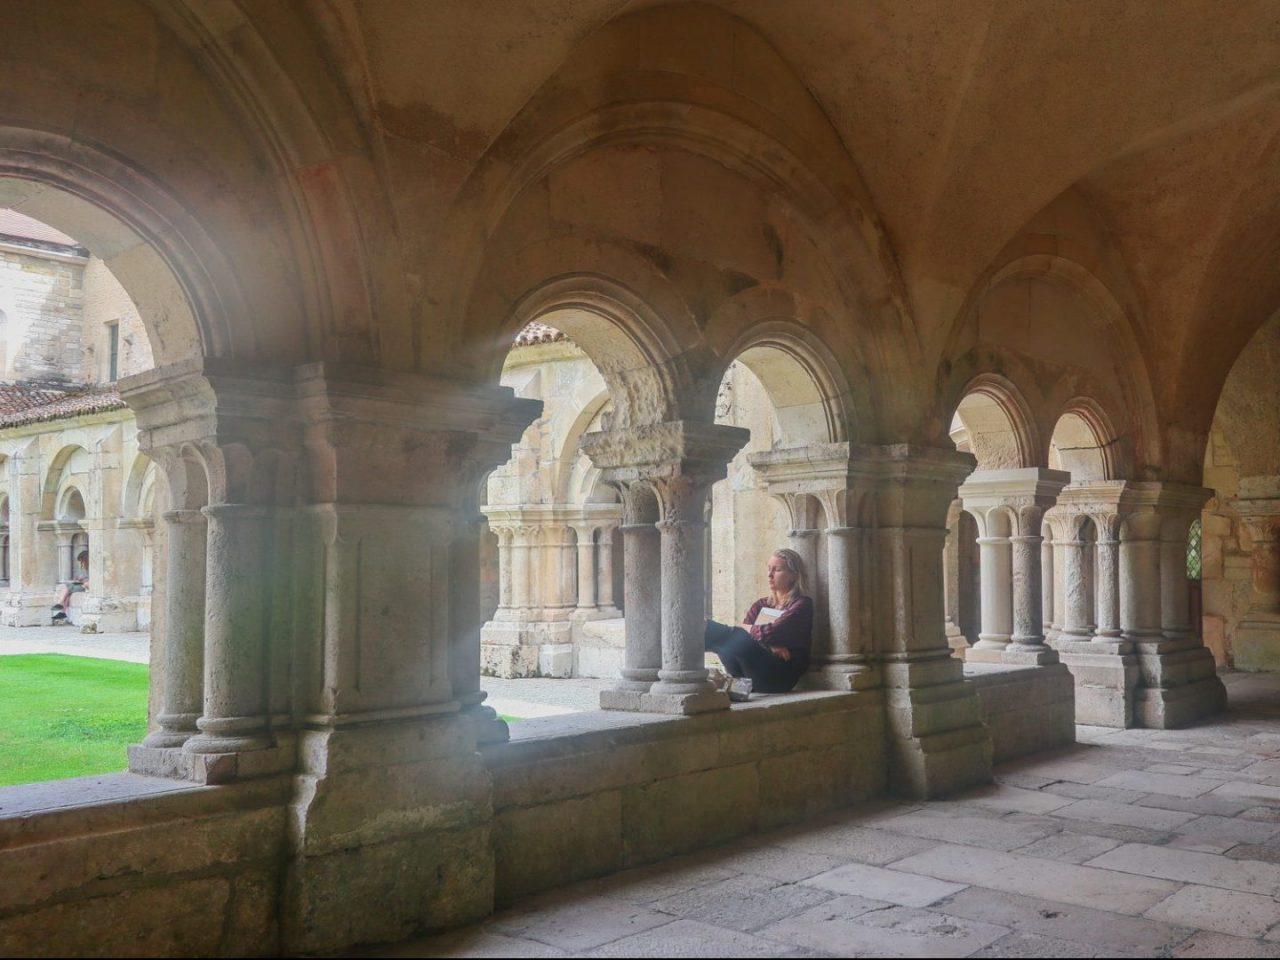 bourgogne-cote-d-or-abbaye-cistercienne-de-fontenay-cloitre-douzieme-siecle-jeune-fille